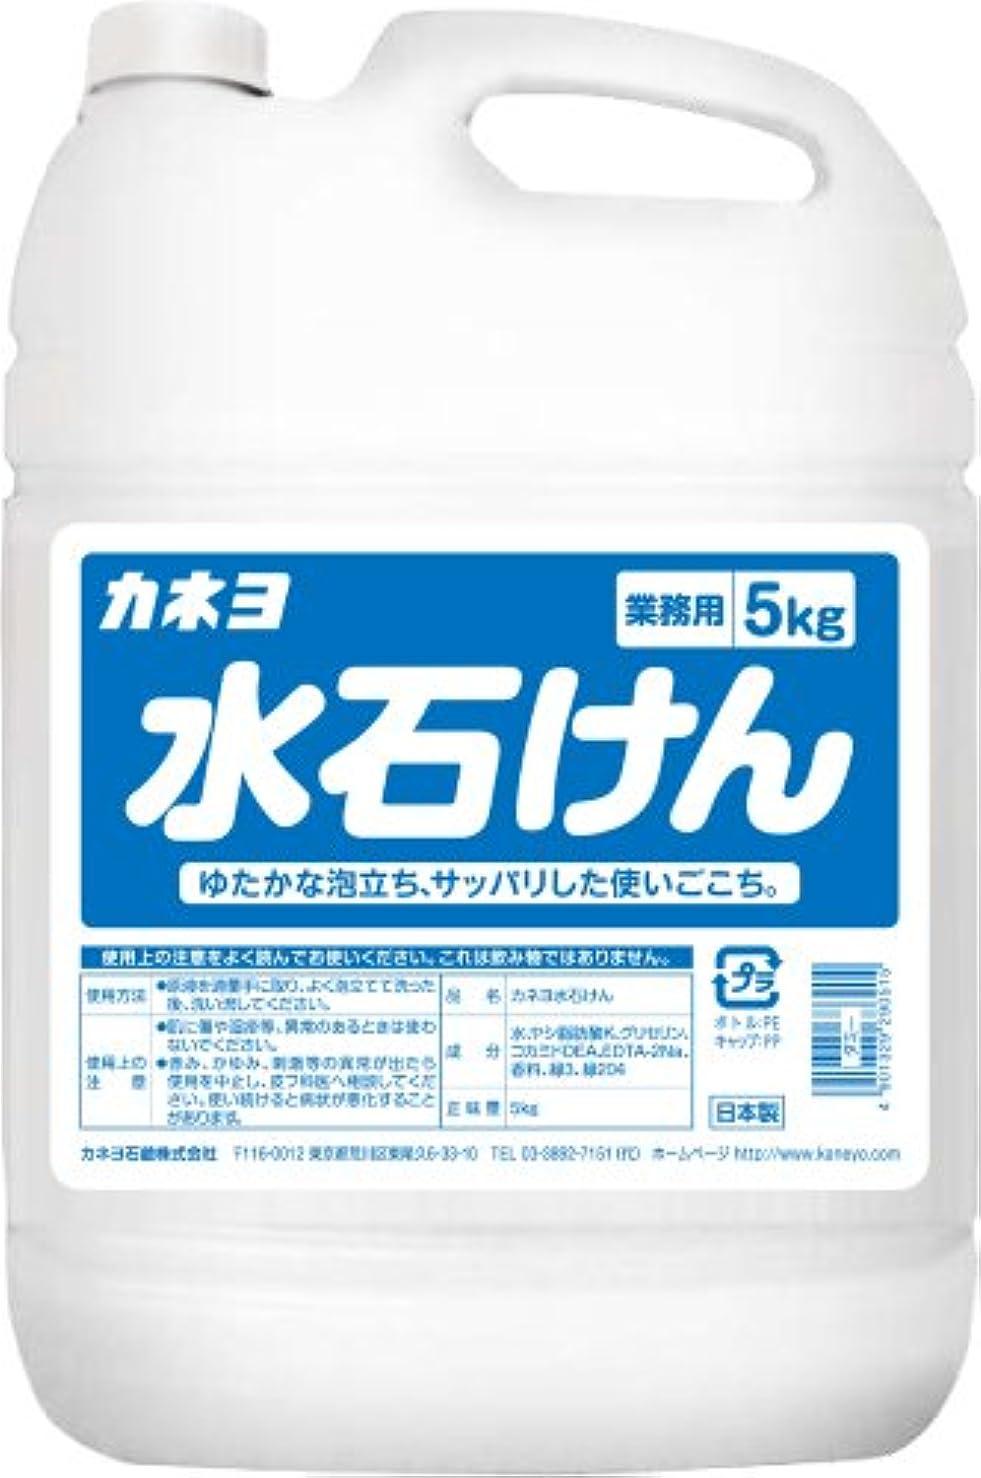 憲法変換情熱的【大容量】 カネヨ石鹸 ハンドソープ 水石けん 液体 業務用 5kg